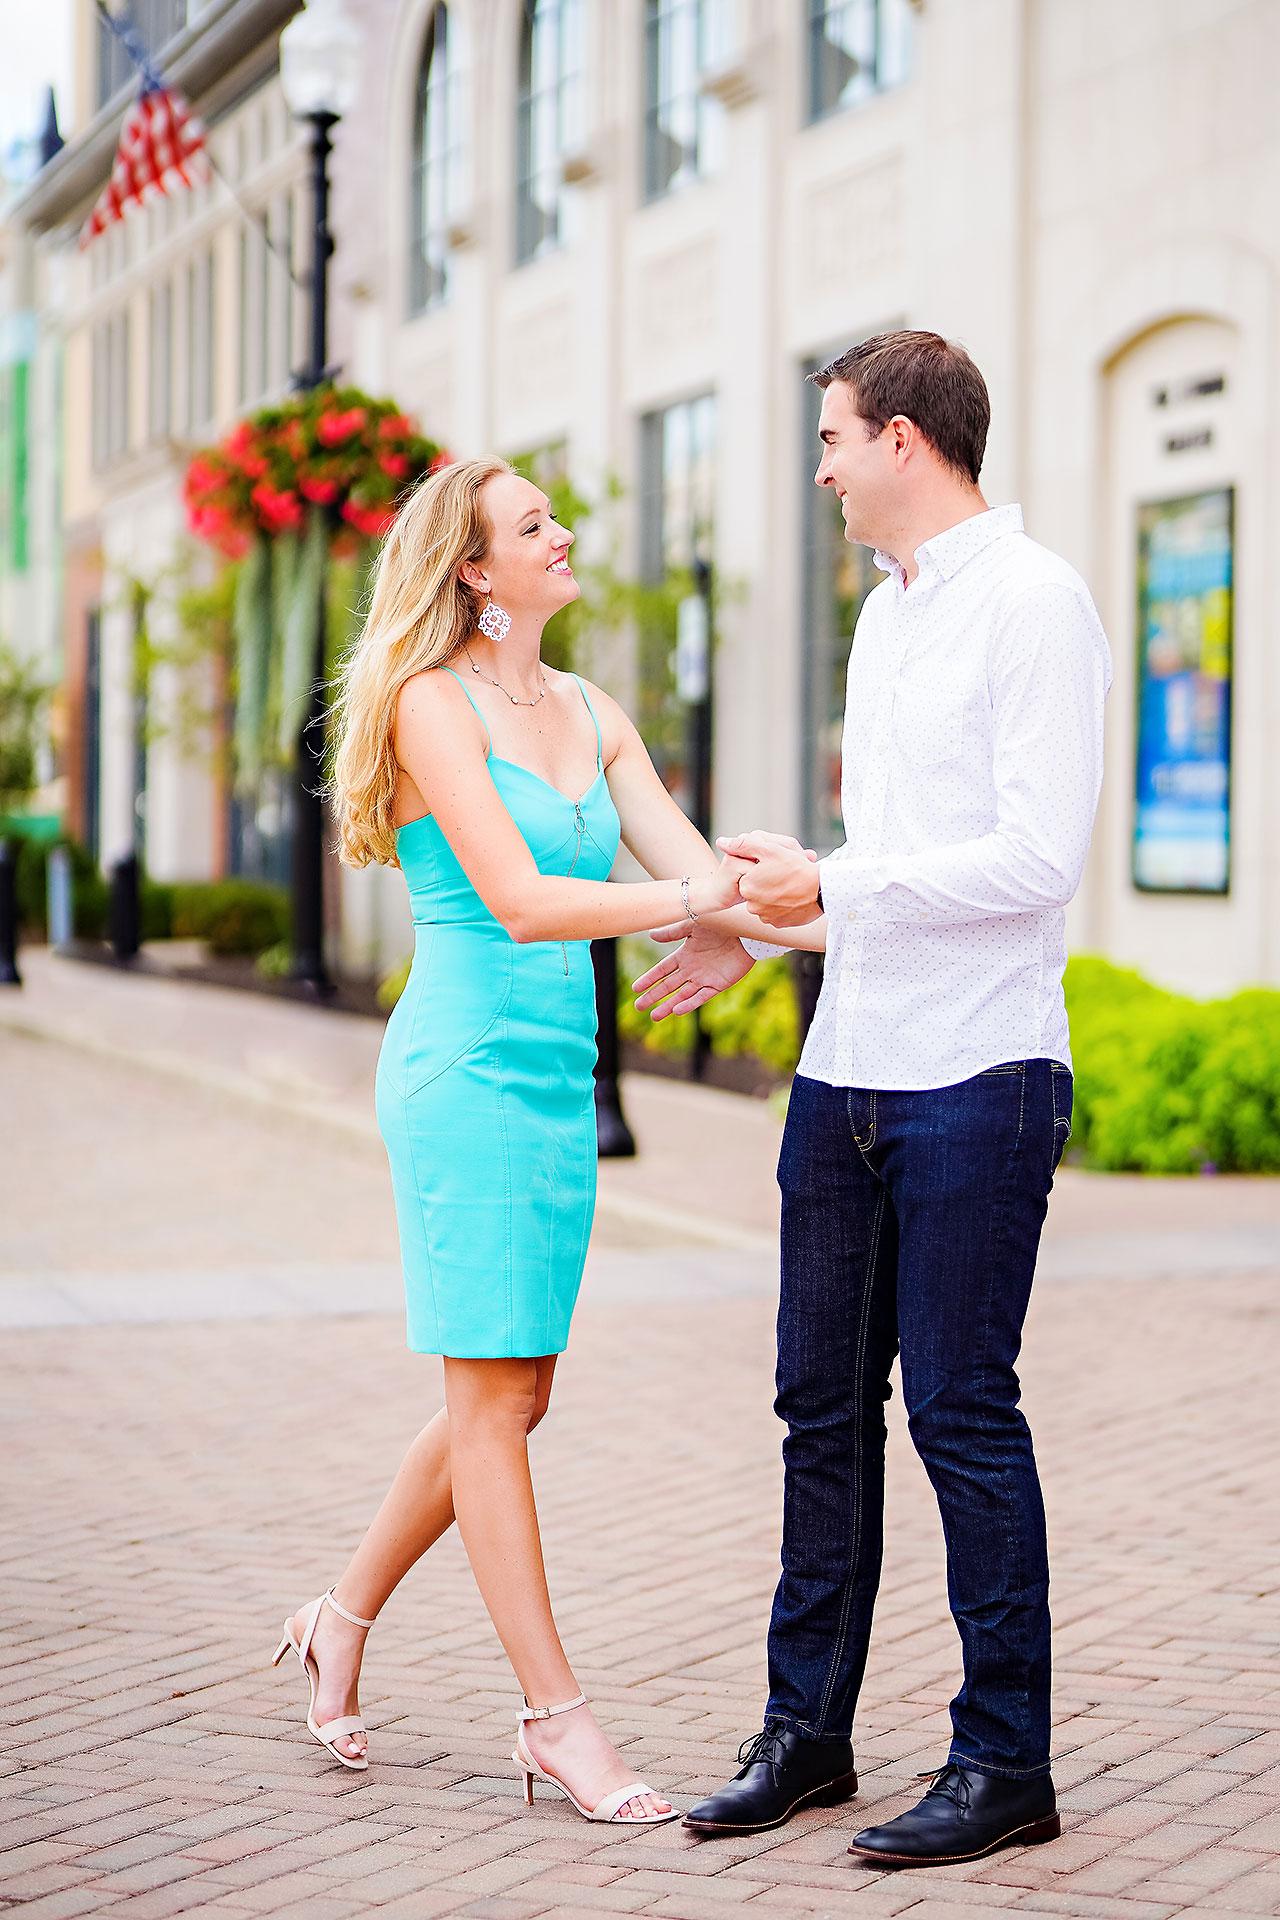 Liz Zach Midtown Carmel Engagement Session 061